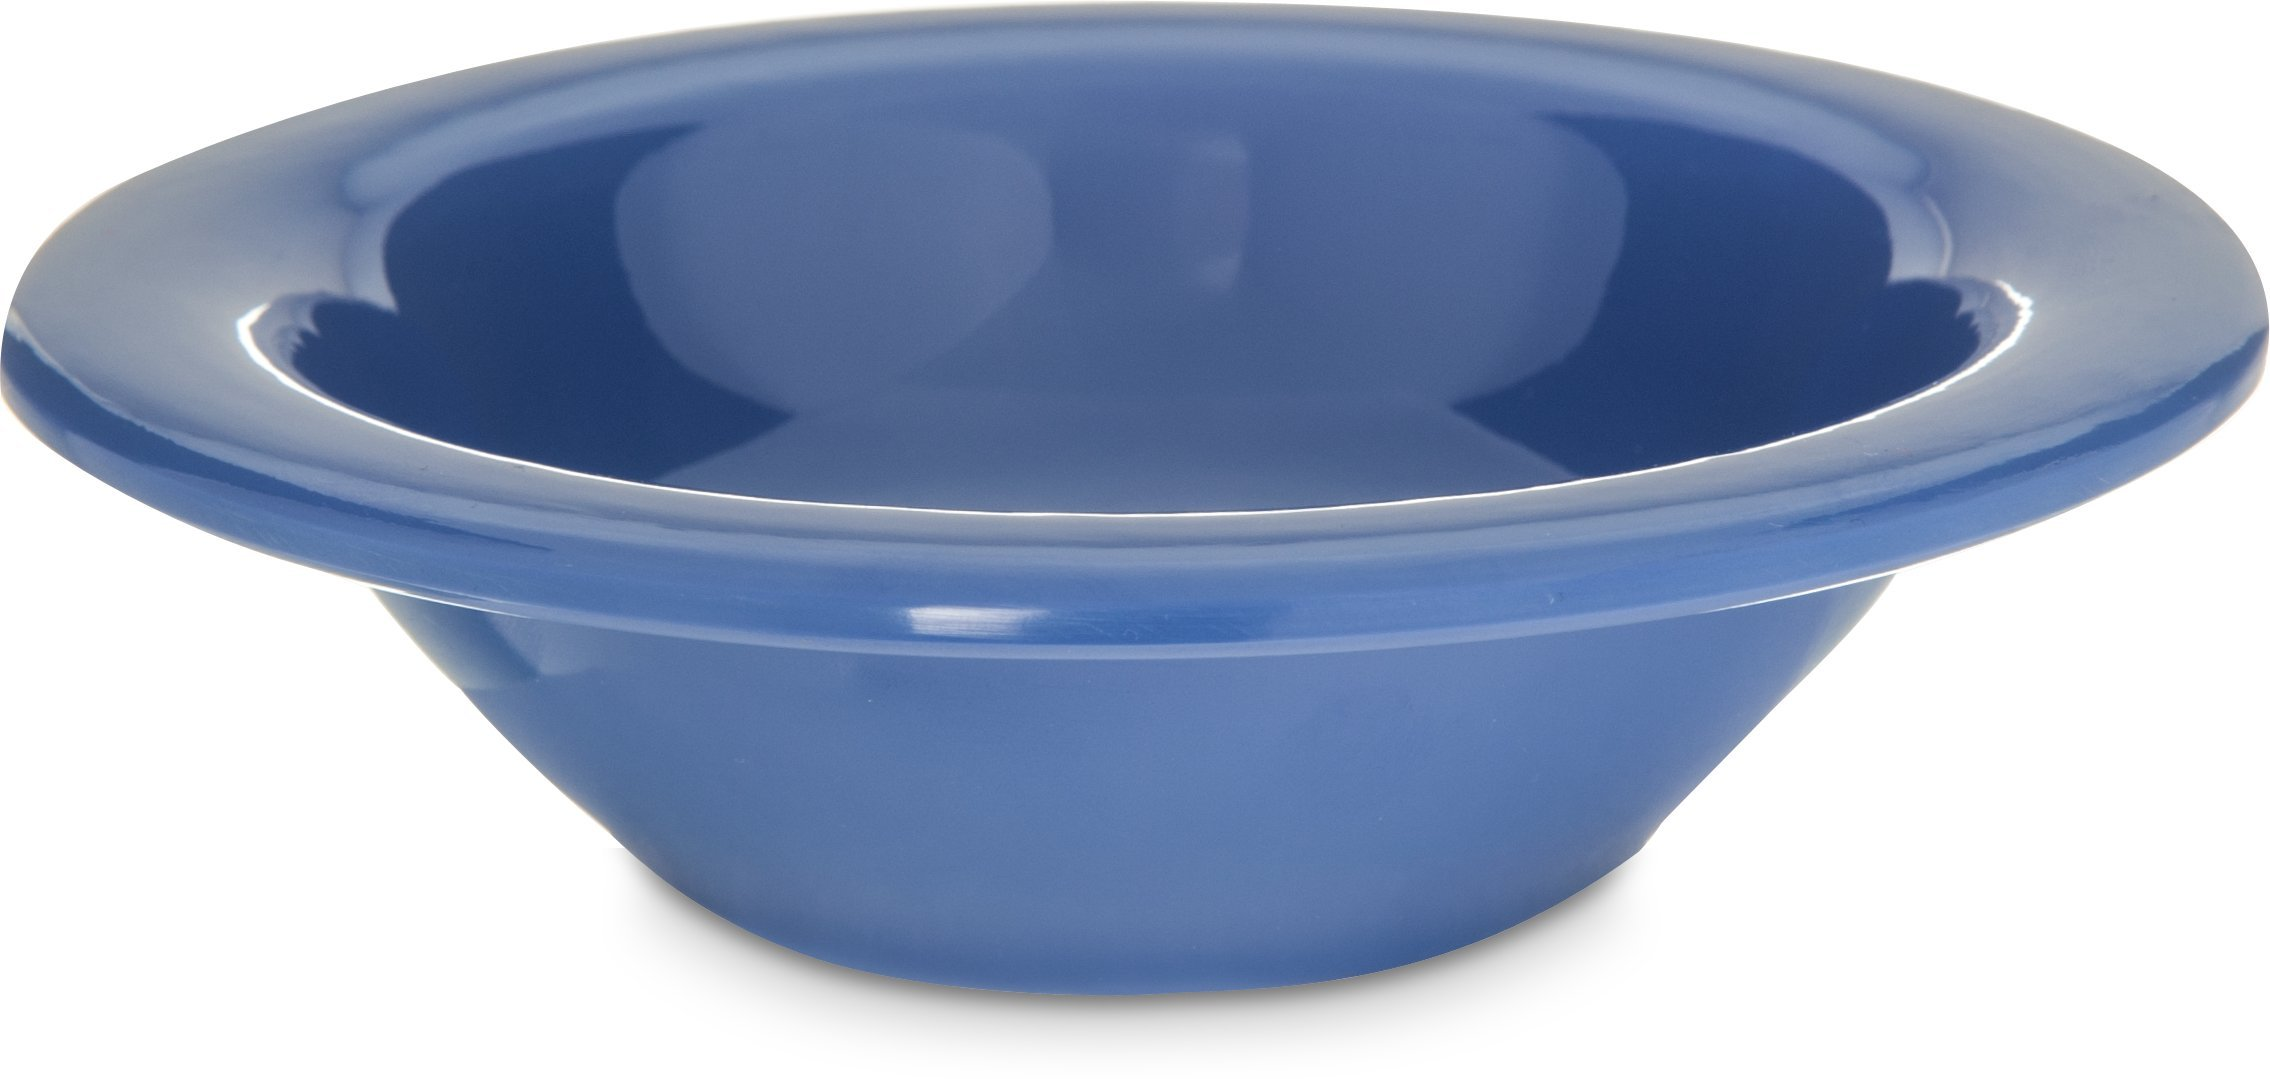 Carlisle 4304214 Durus Rimmed Melamine Fruit Bowl, 4 Oz., Ocean Blue (Pack of 48)